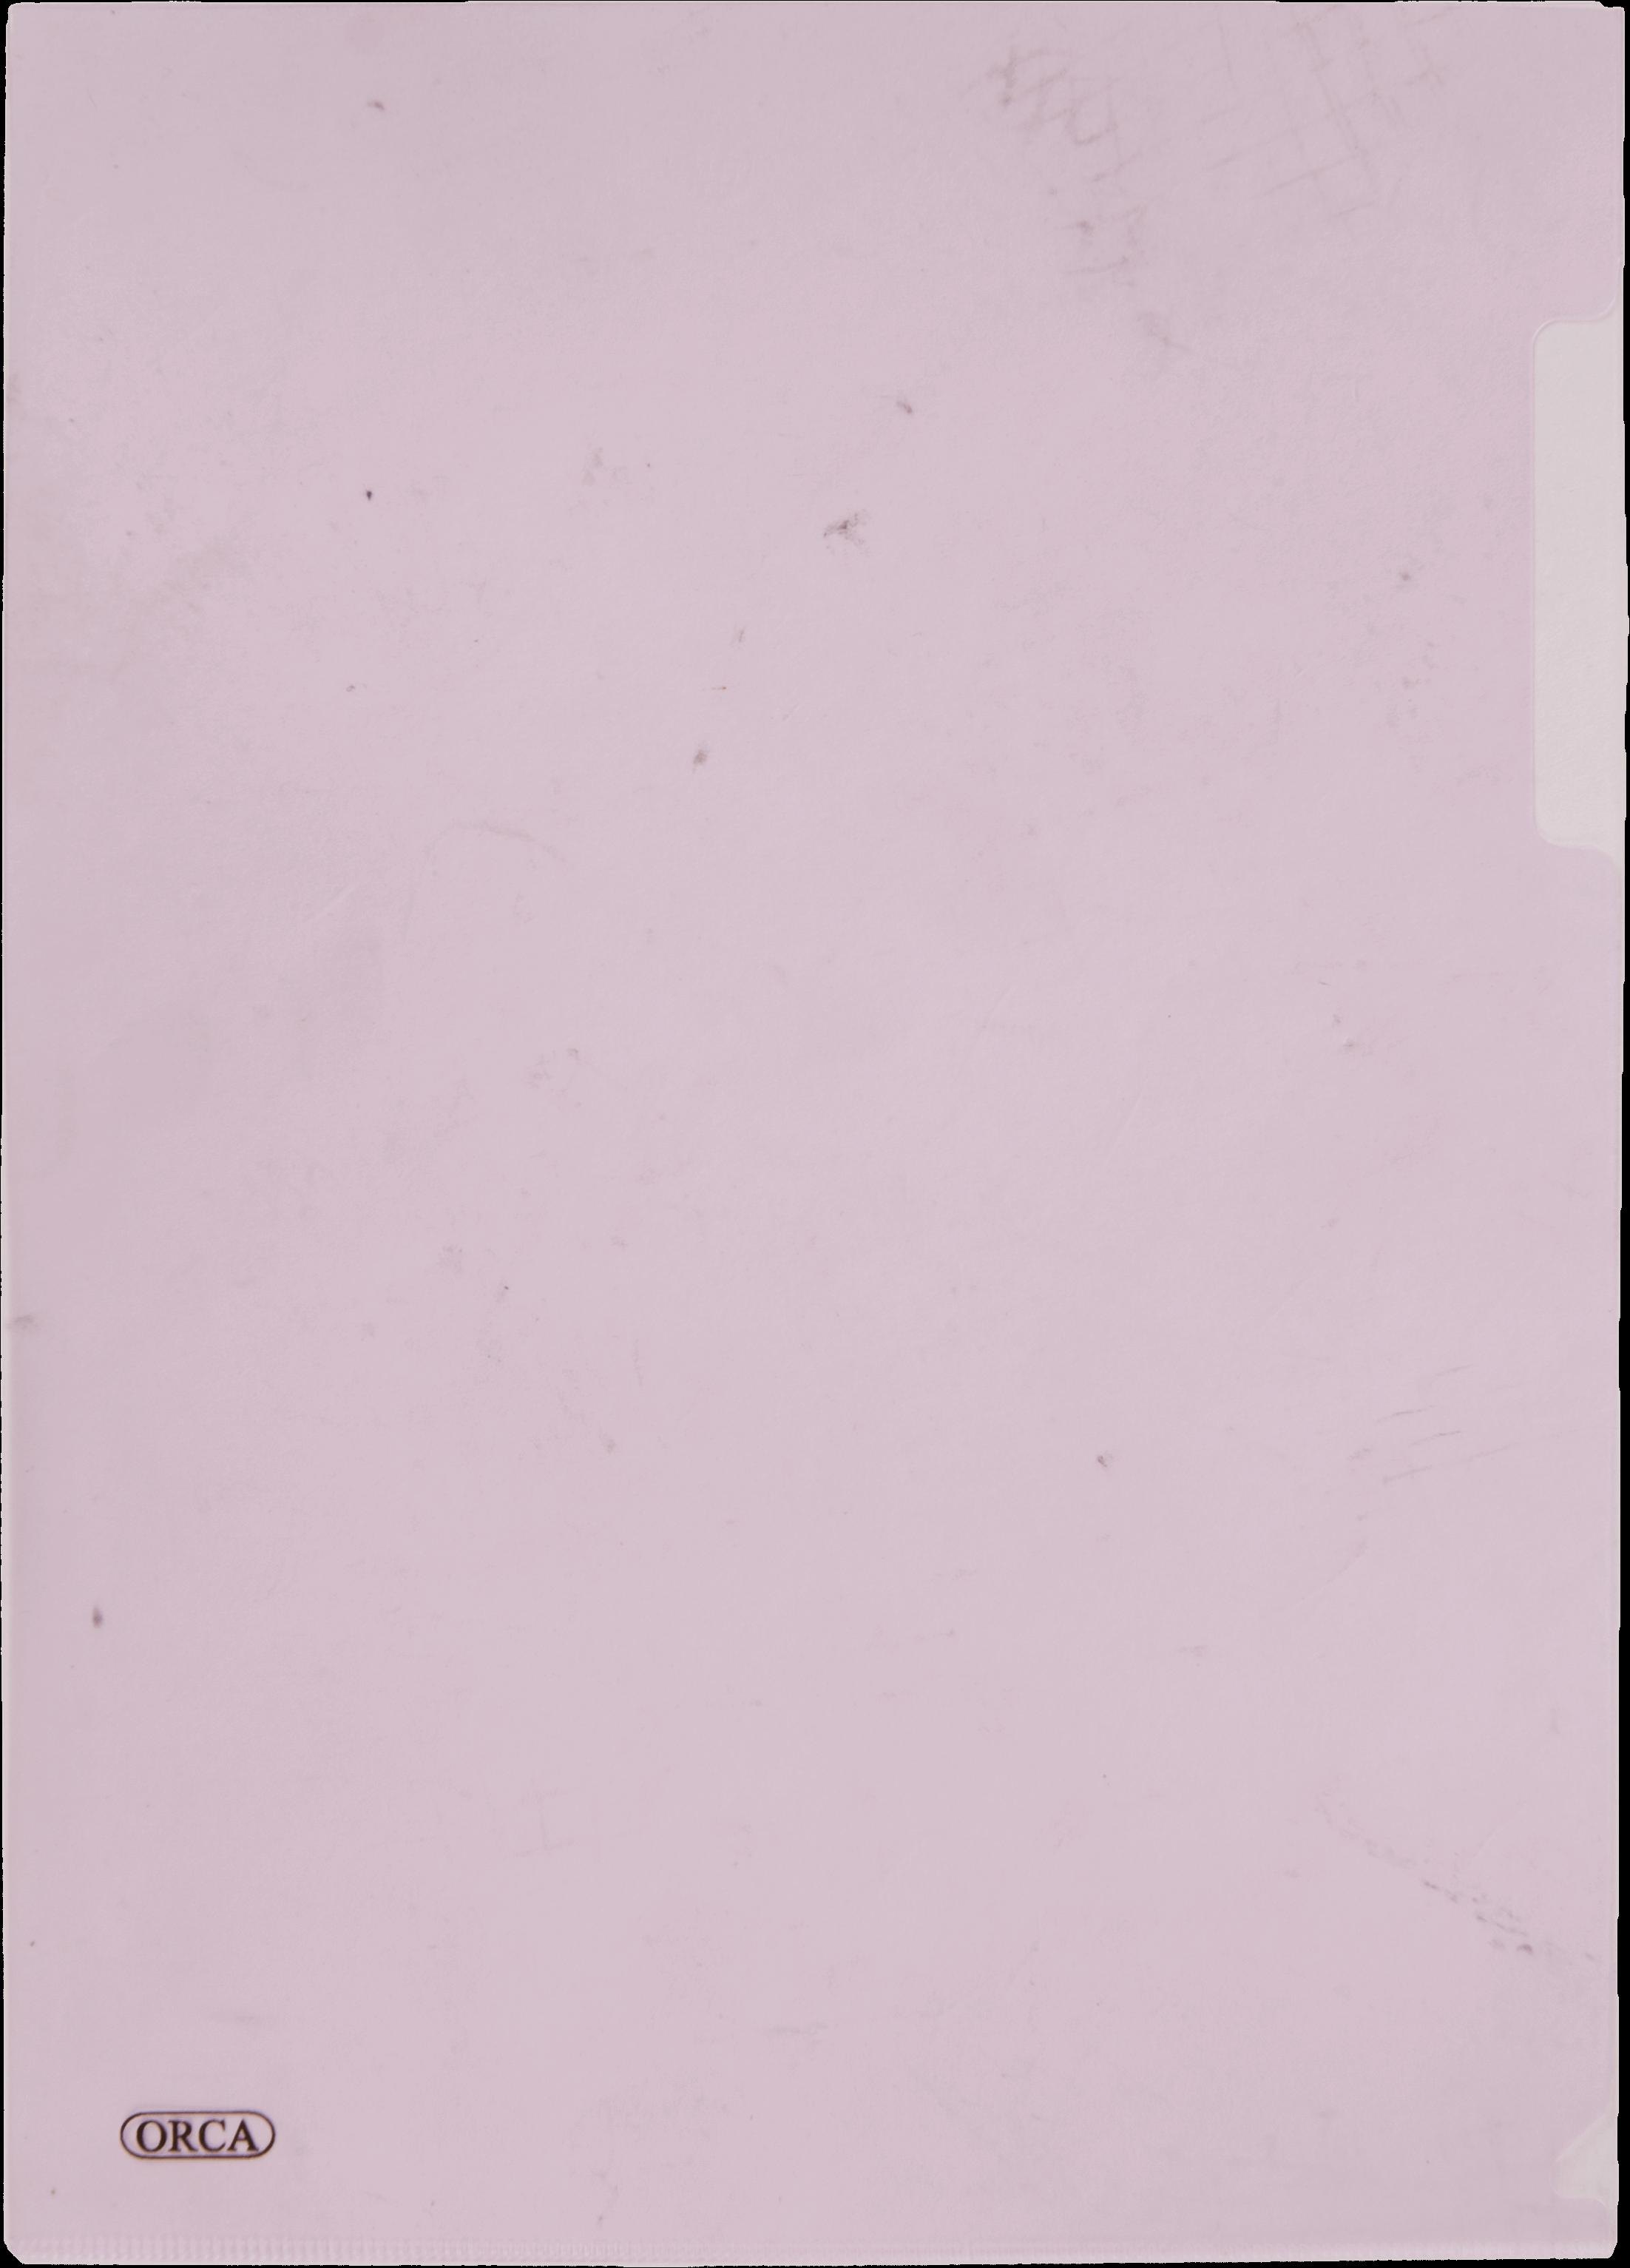 แฟ้มซองพลาสติก Orca 1 ชั้น สีชมพู A4